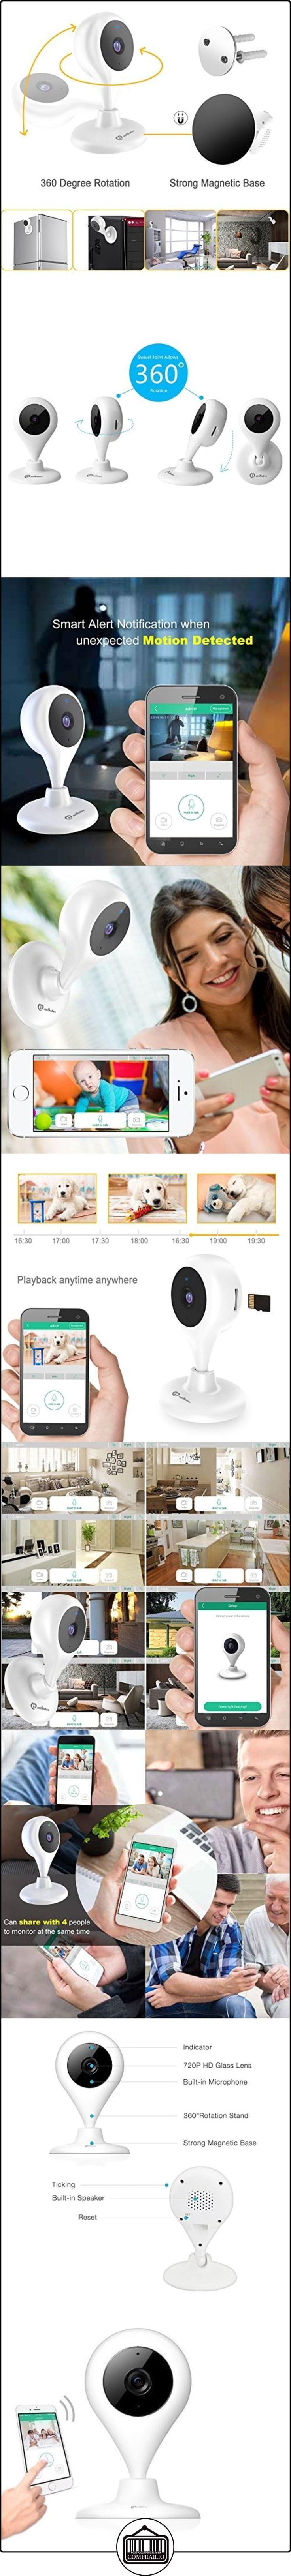 Cámara Vigilancia HD miSafes Vigilabebé Wi-Fi Monitor Remoto Seguridad Bebé Mascotas para iOS Android Móvil y Tablets  ✿ Vigilabebés - Seguridad ✿ ▬► Ver oferta: http://comprar.io/goto/B014FC5QXO